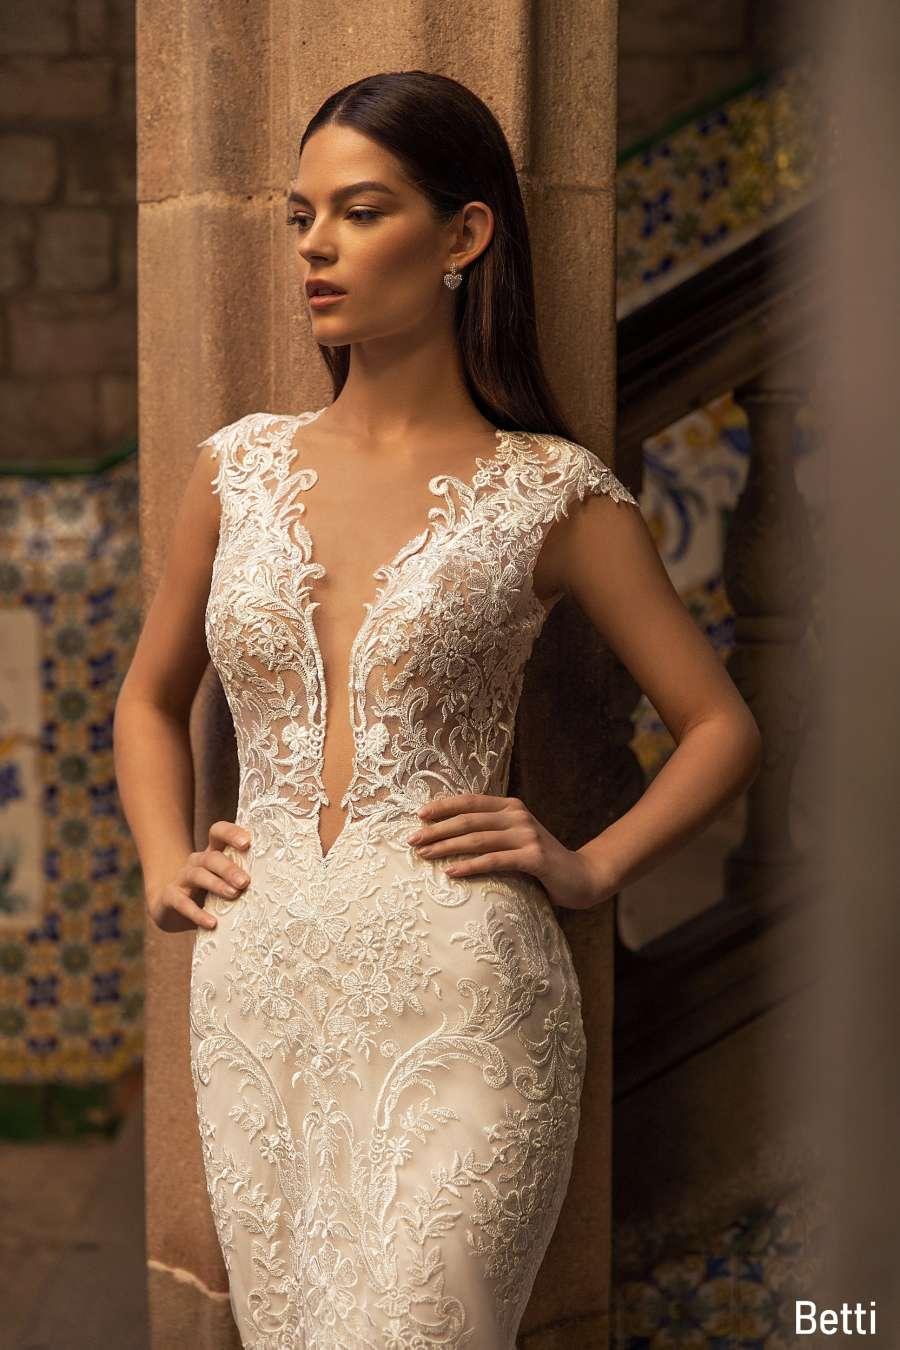 свадебное платье Betti_(2).900x900w